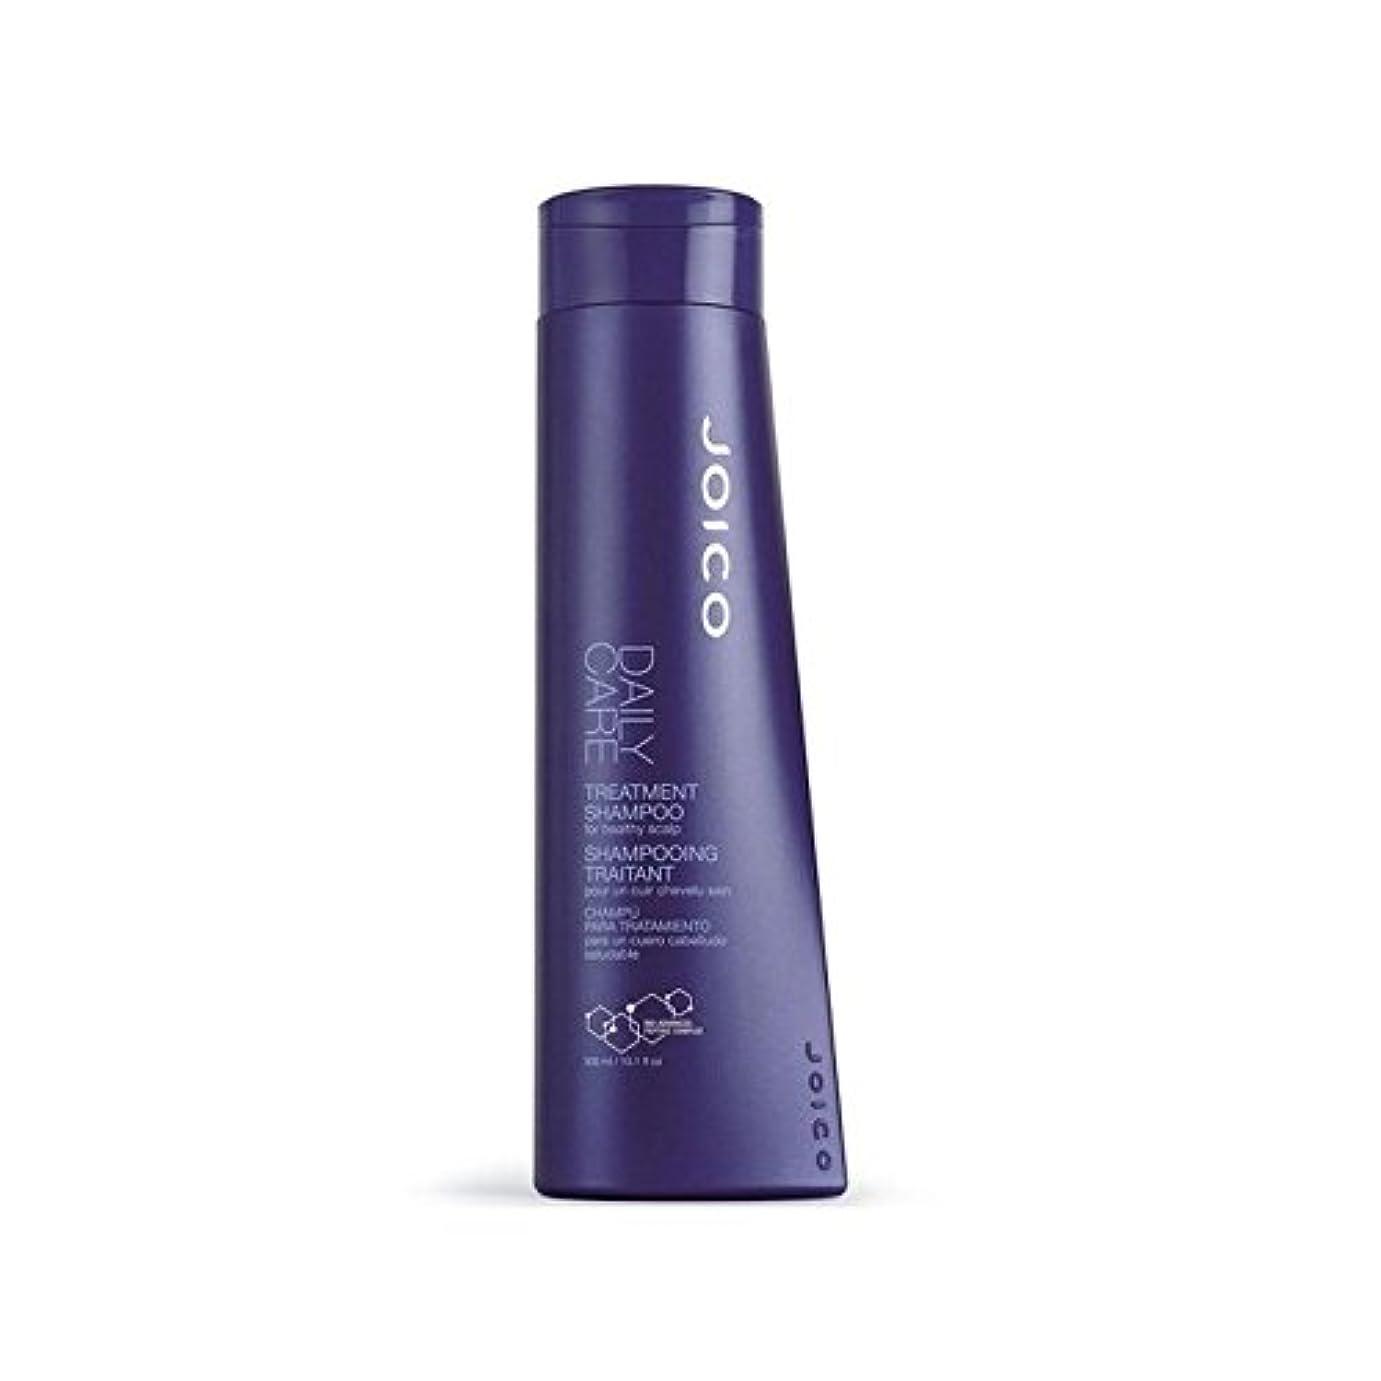 シュート学んだ肺ジョイコ毎日のケアトリートメントシャンプー300ミリリットル x4 - Joico Daily Care Treatment Shampoo 300ml (Pack of 4) [並行輸入品]